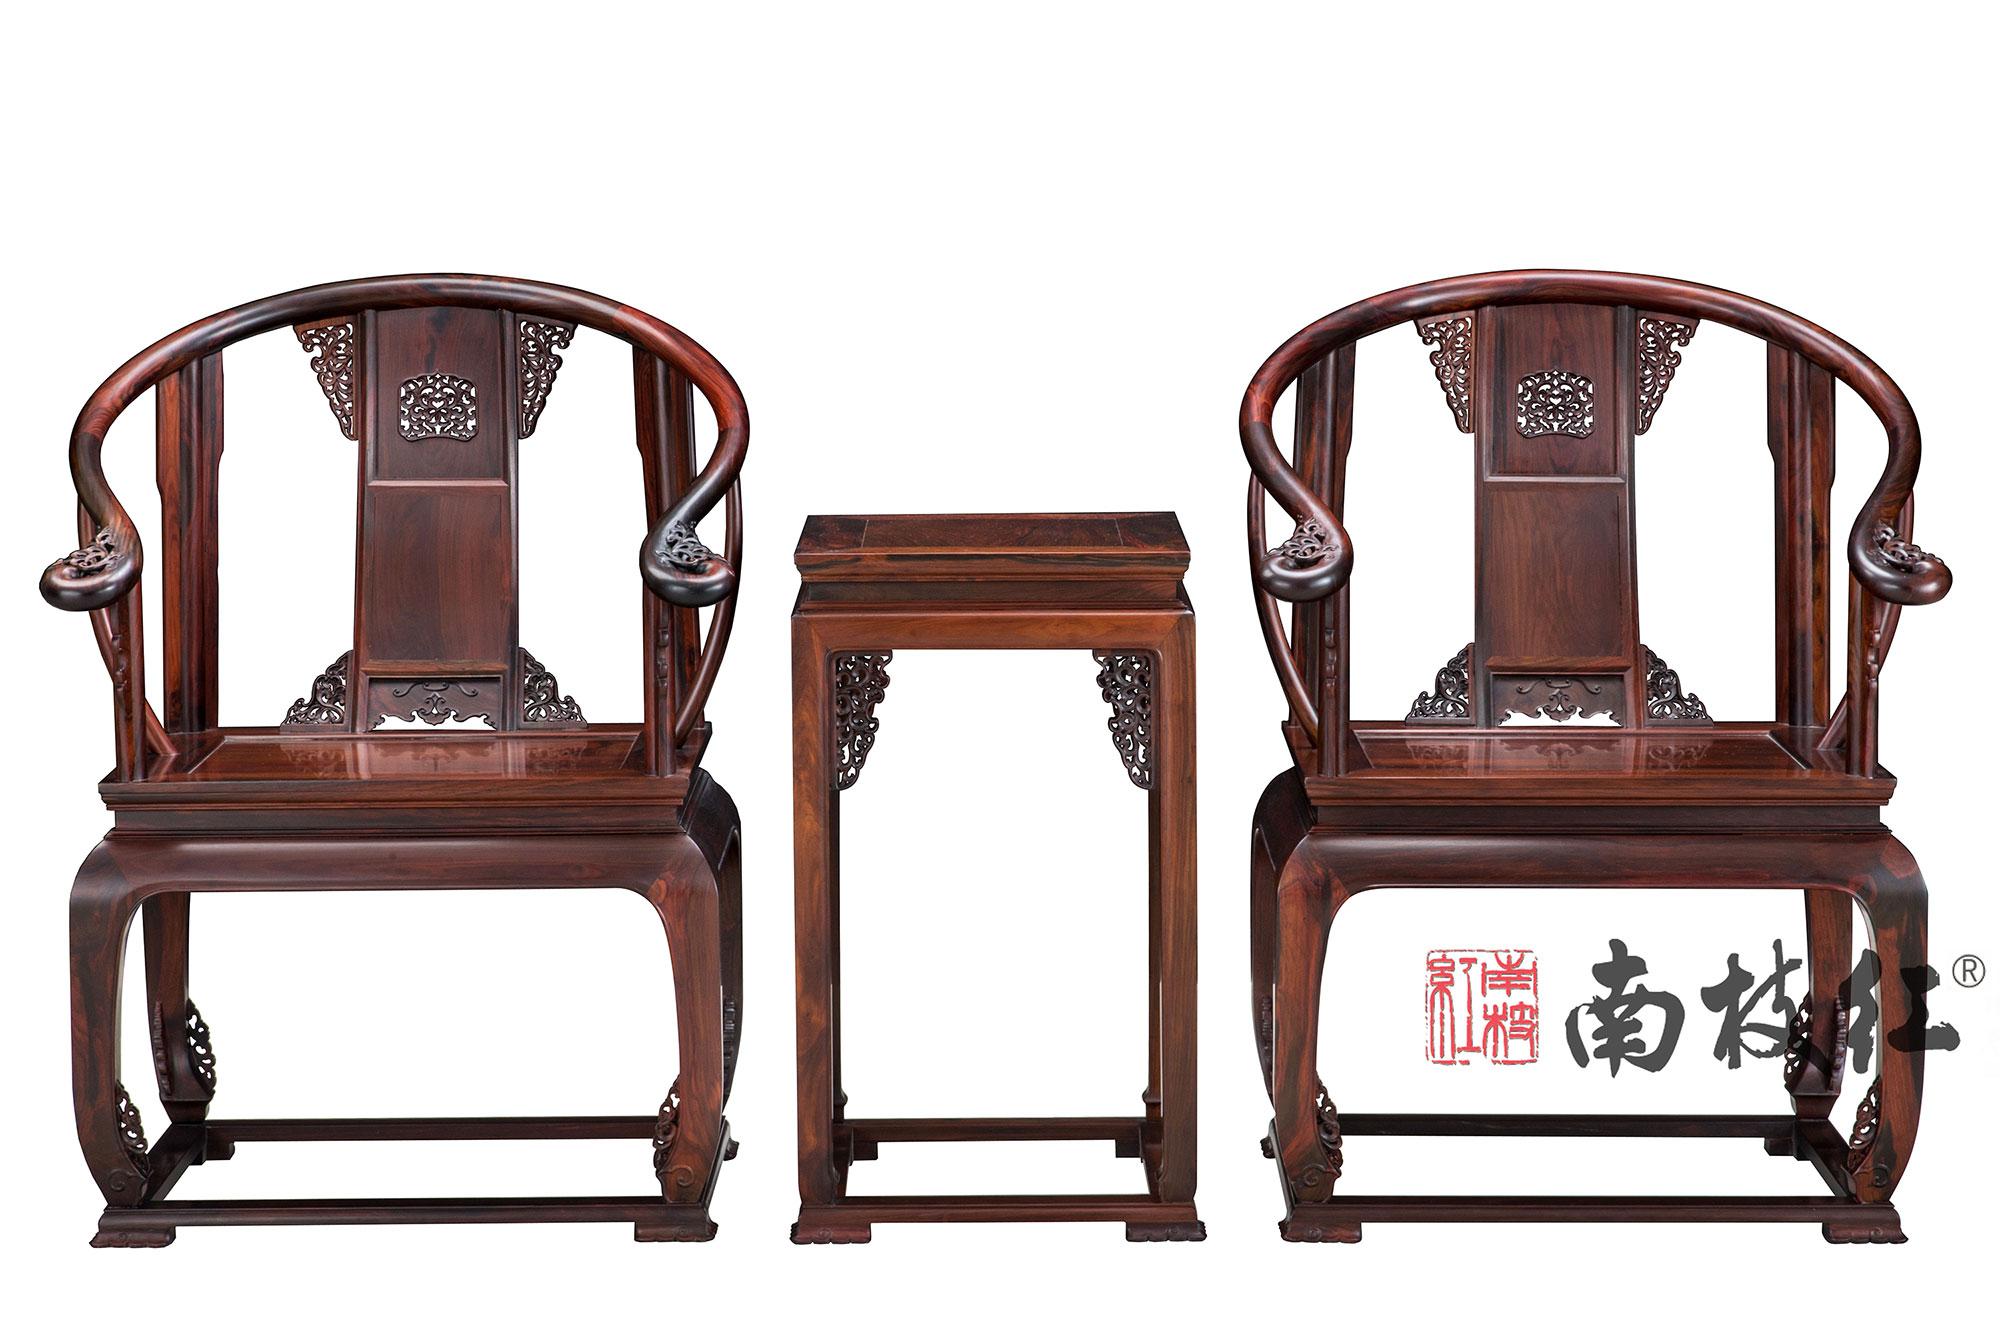 南枝红红木 大红酸枝(交趾黄檀)皇宫椅    高端红木家具 客厅系列 休闲系列  红木休闲椅 皇宫椅三件套